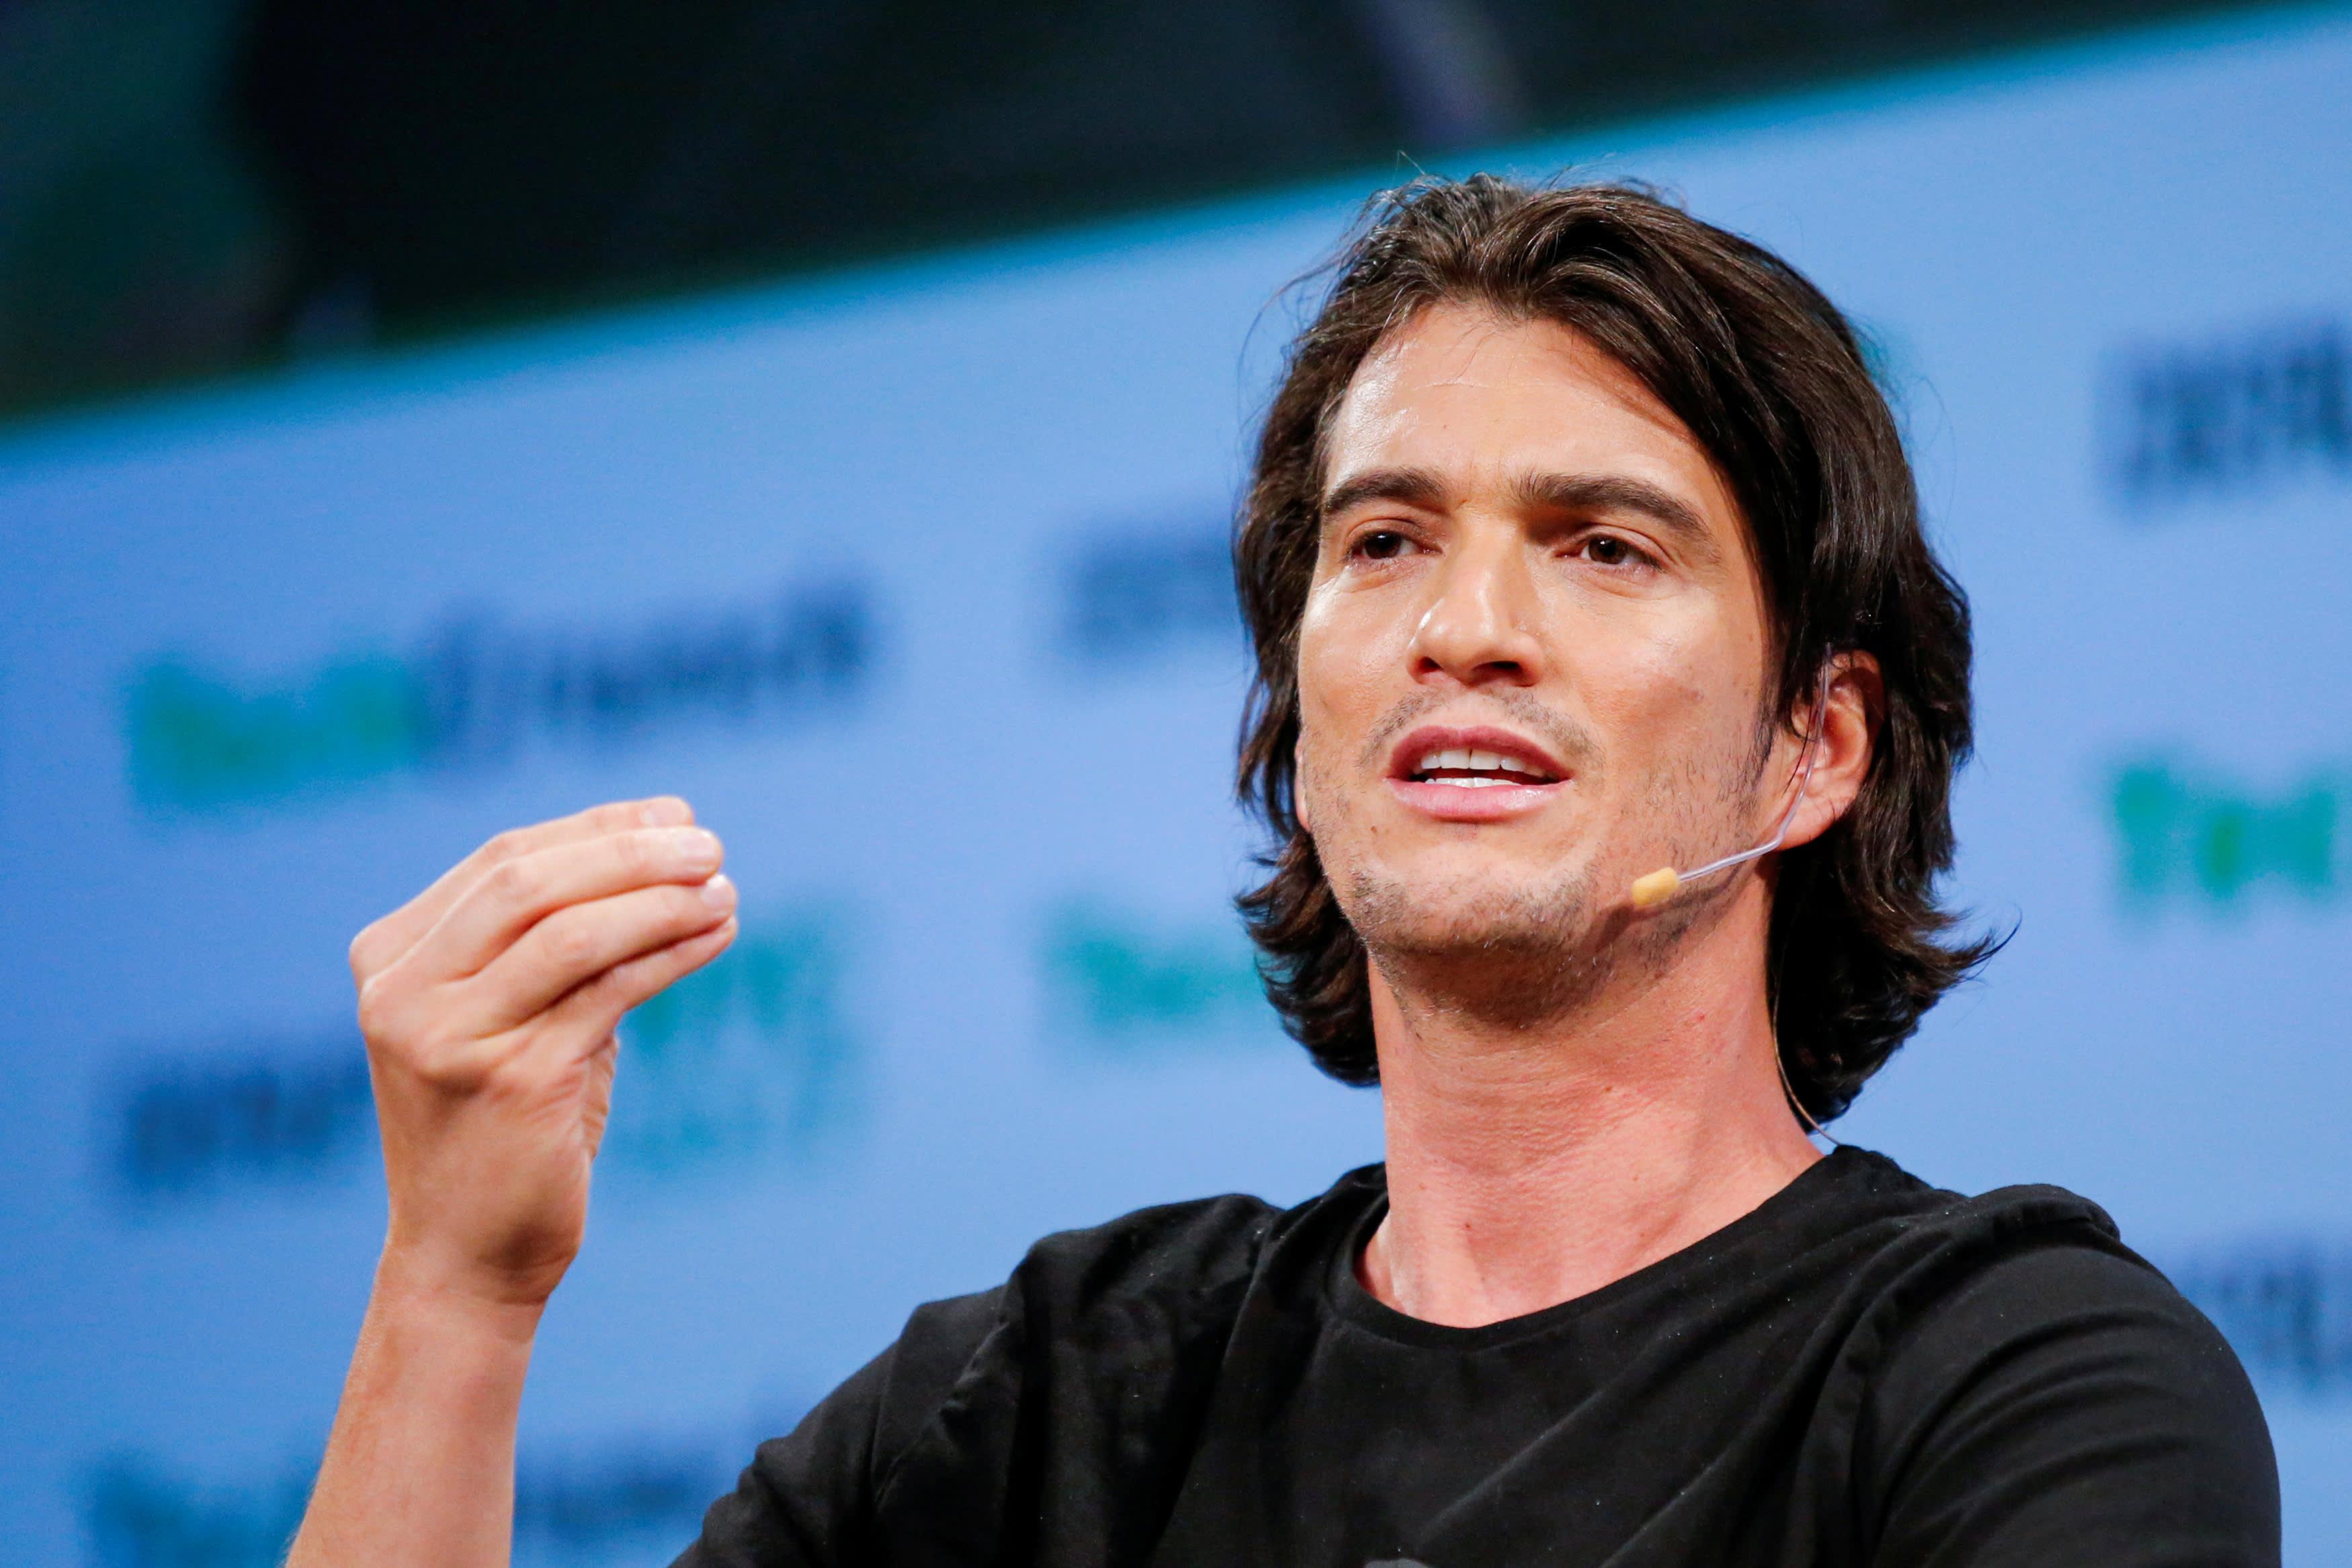 WeWork Co-founder Adam Neumann and SoftBank are nearing a settlement agreement.